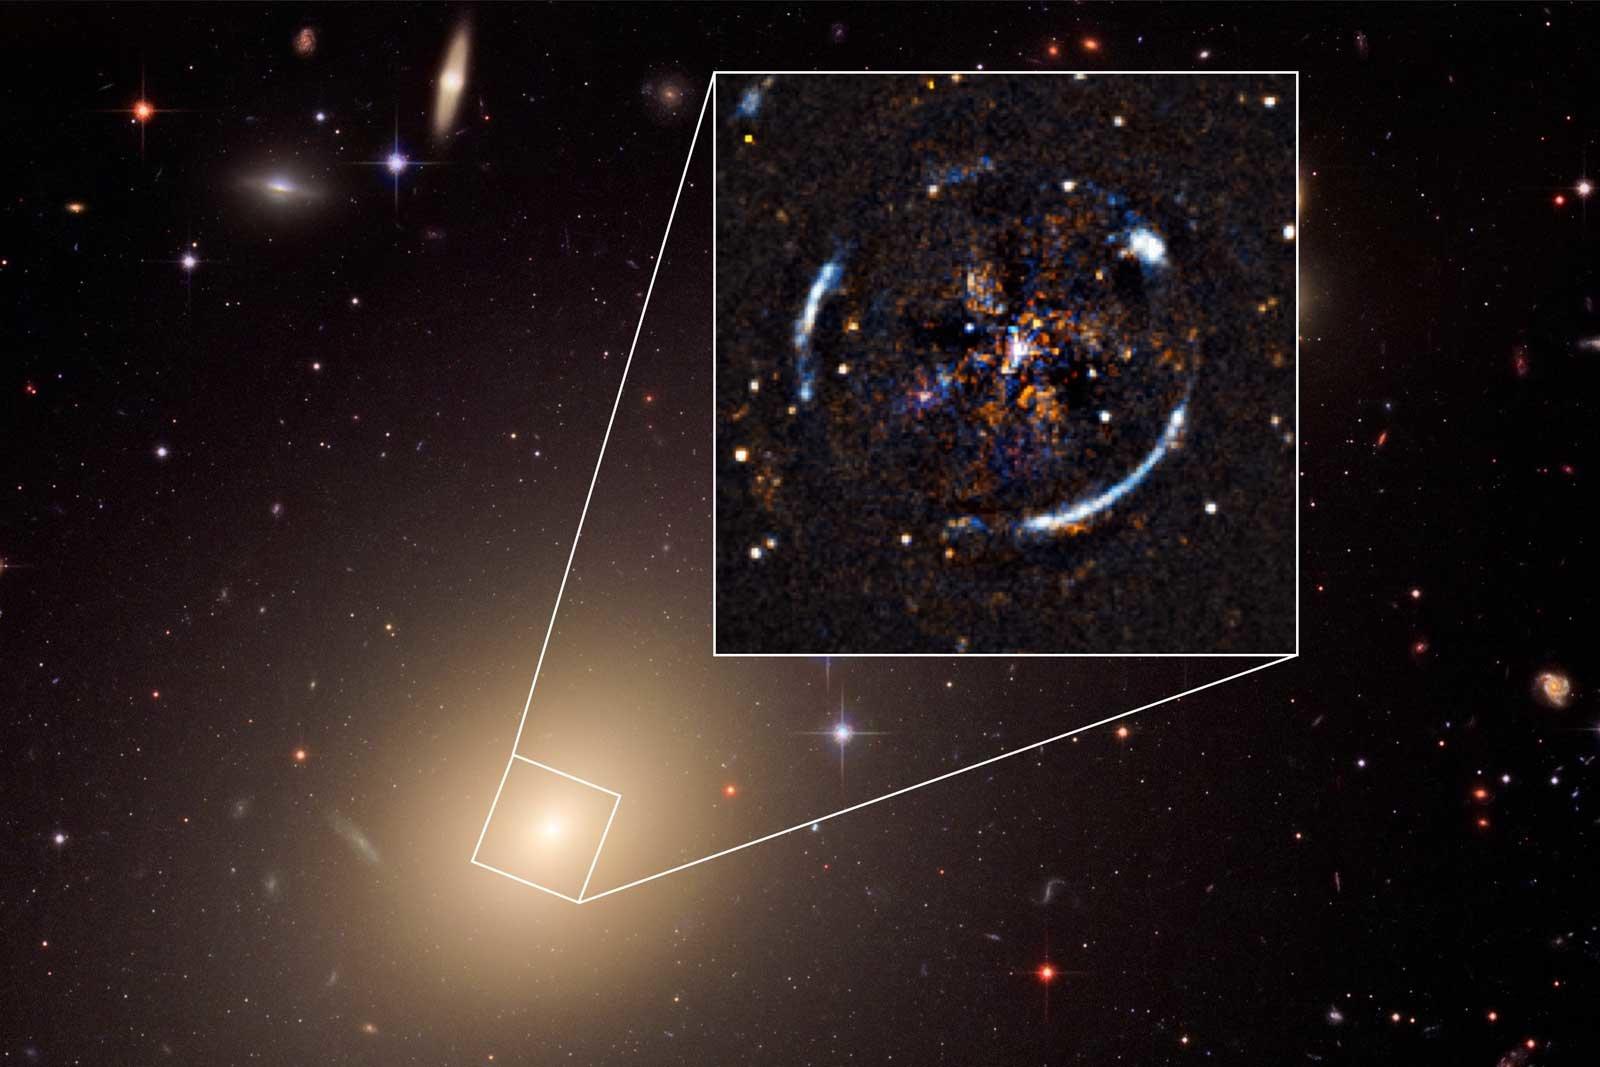 Теорию относительности подтвердили на галактическом уровне